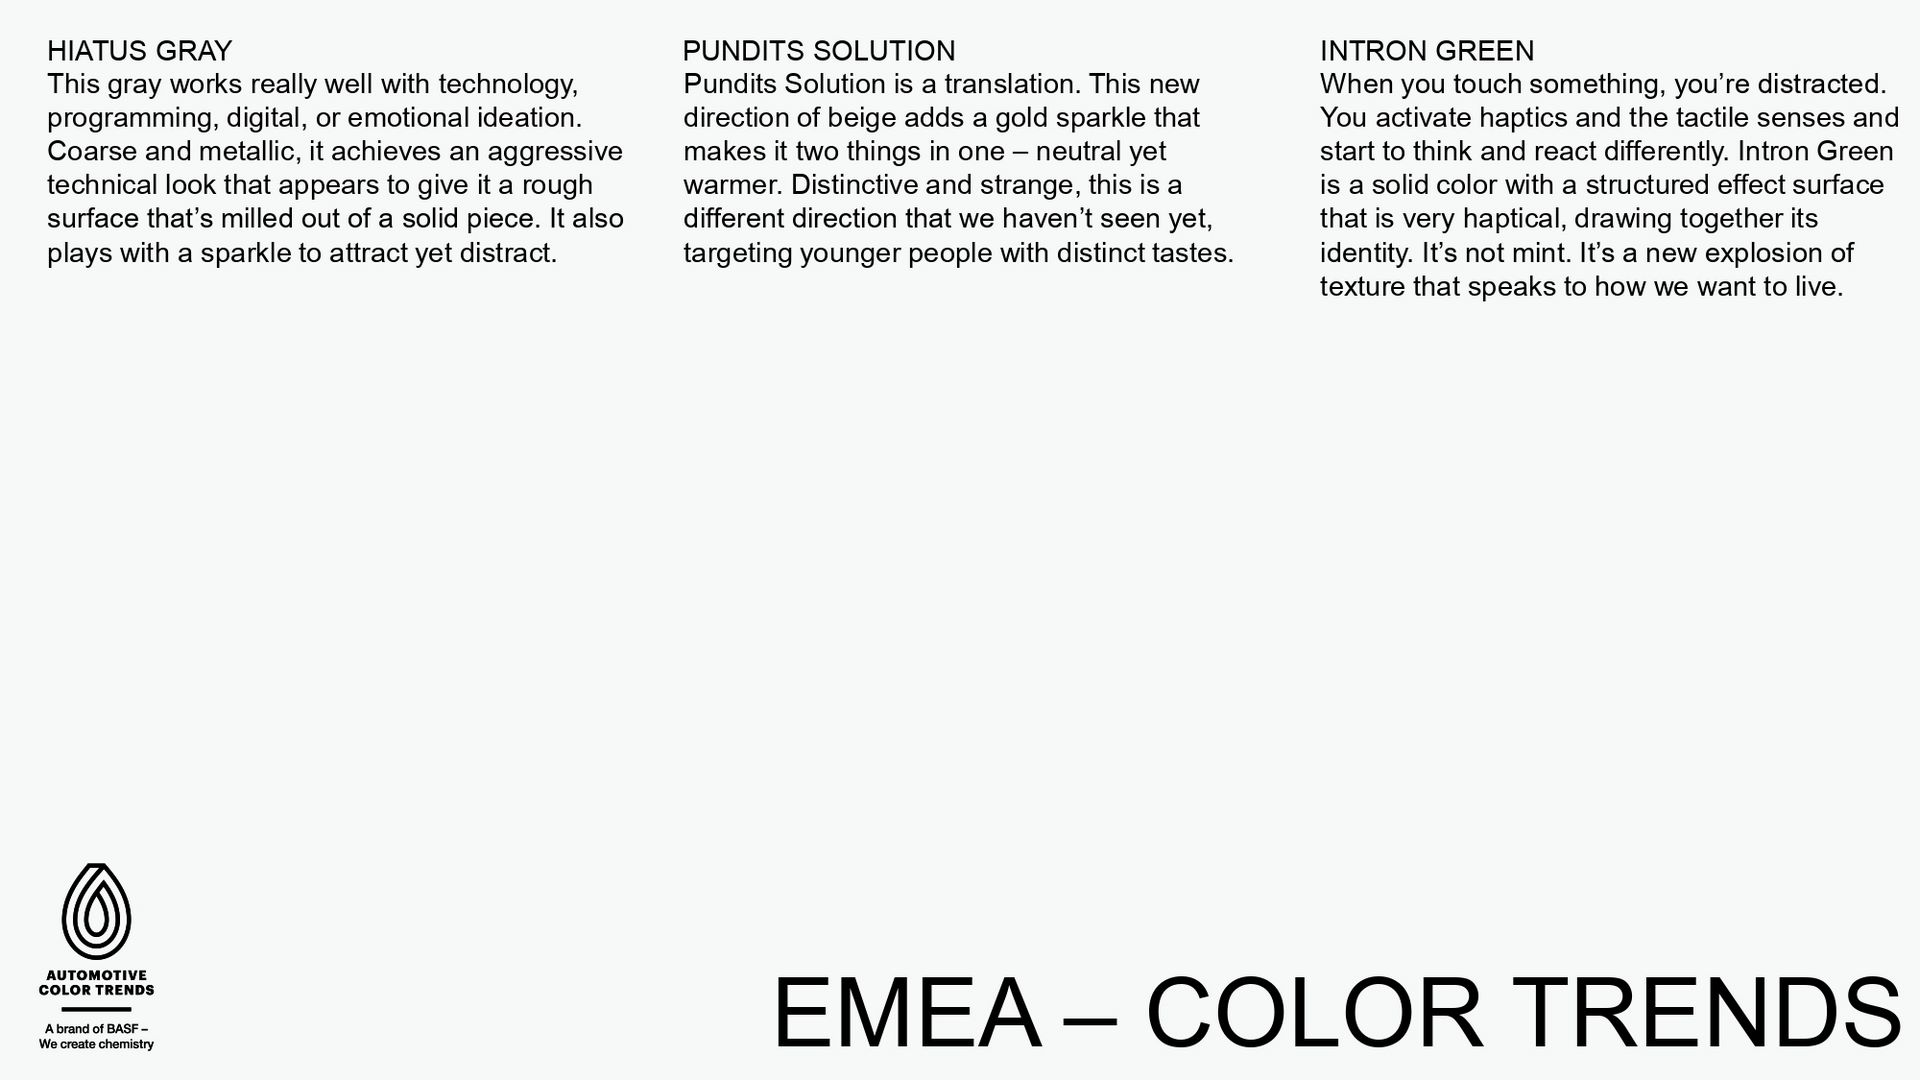 BASF-Automotive-Color-Trends-2020-2021-10